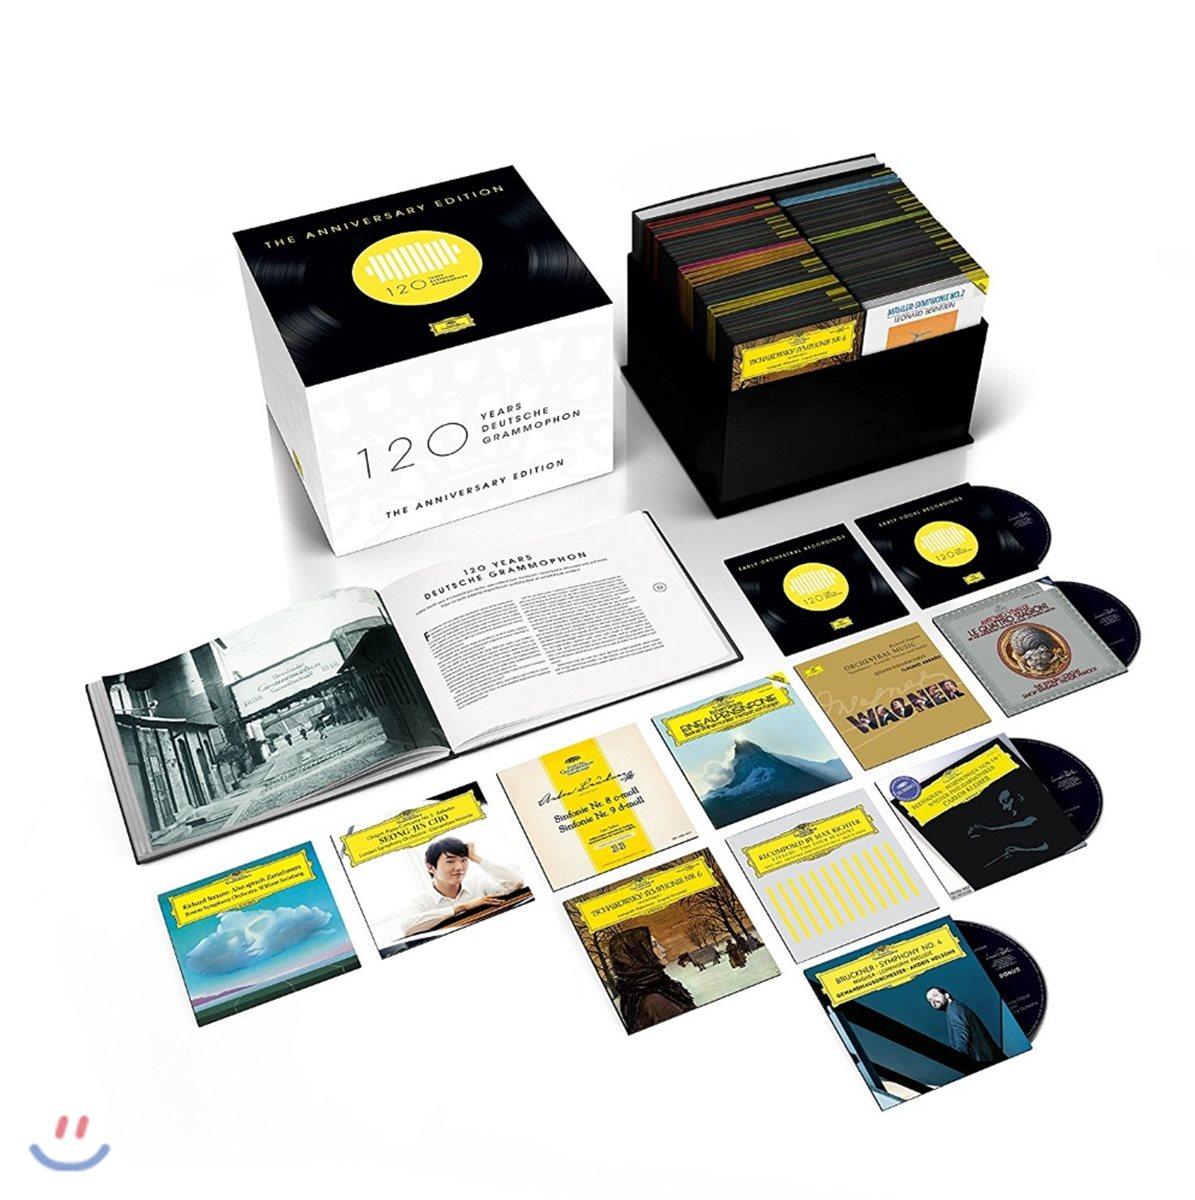 DG 120주년 기념 특별 앨범 (120 Years of Deutsche Grammophon - The Anniversary Edition)